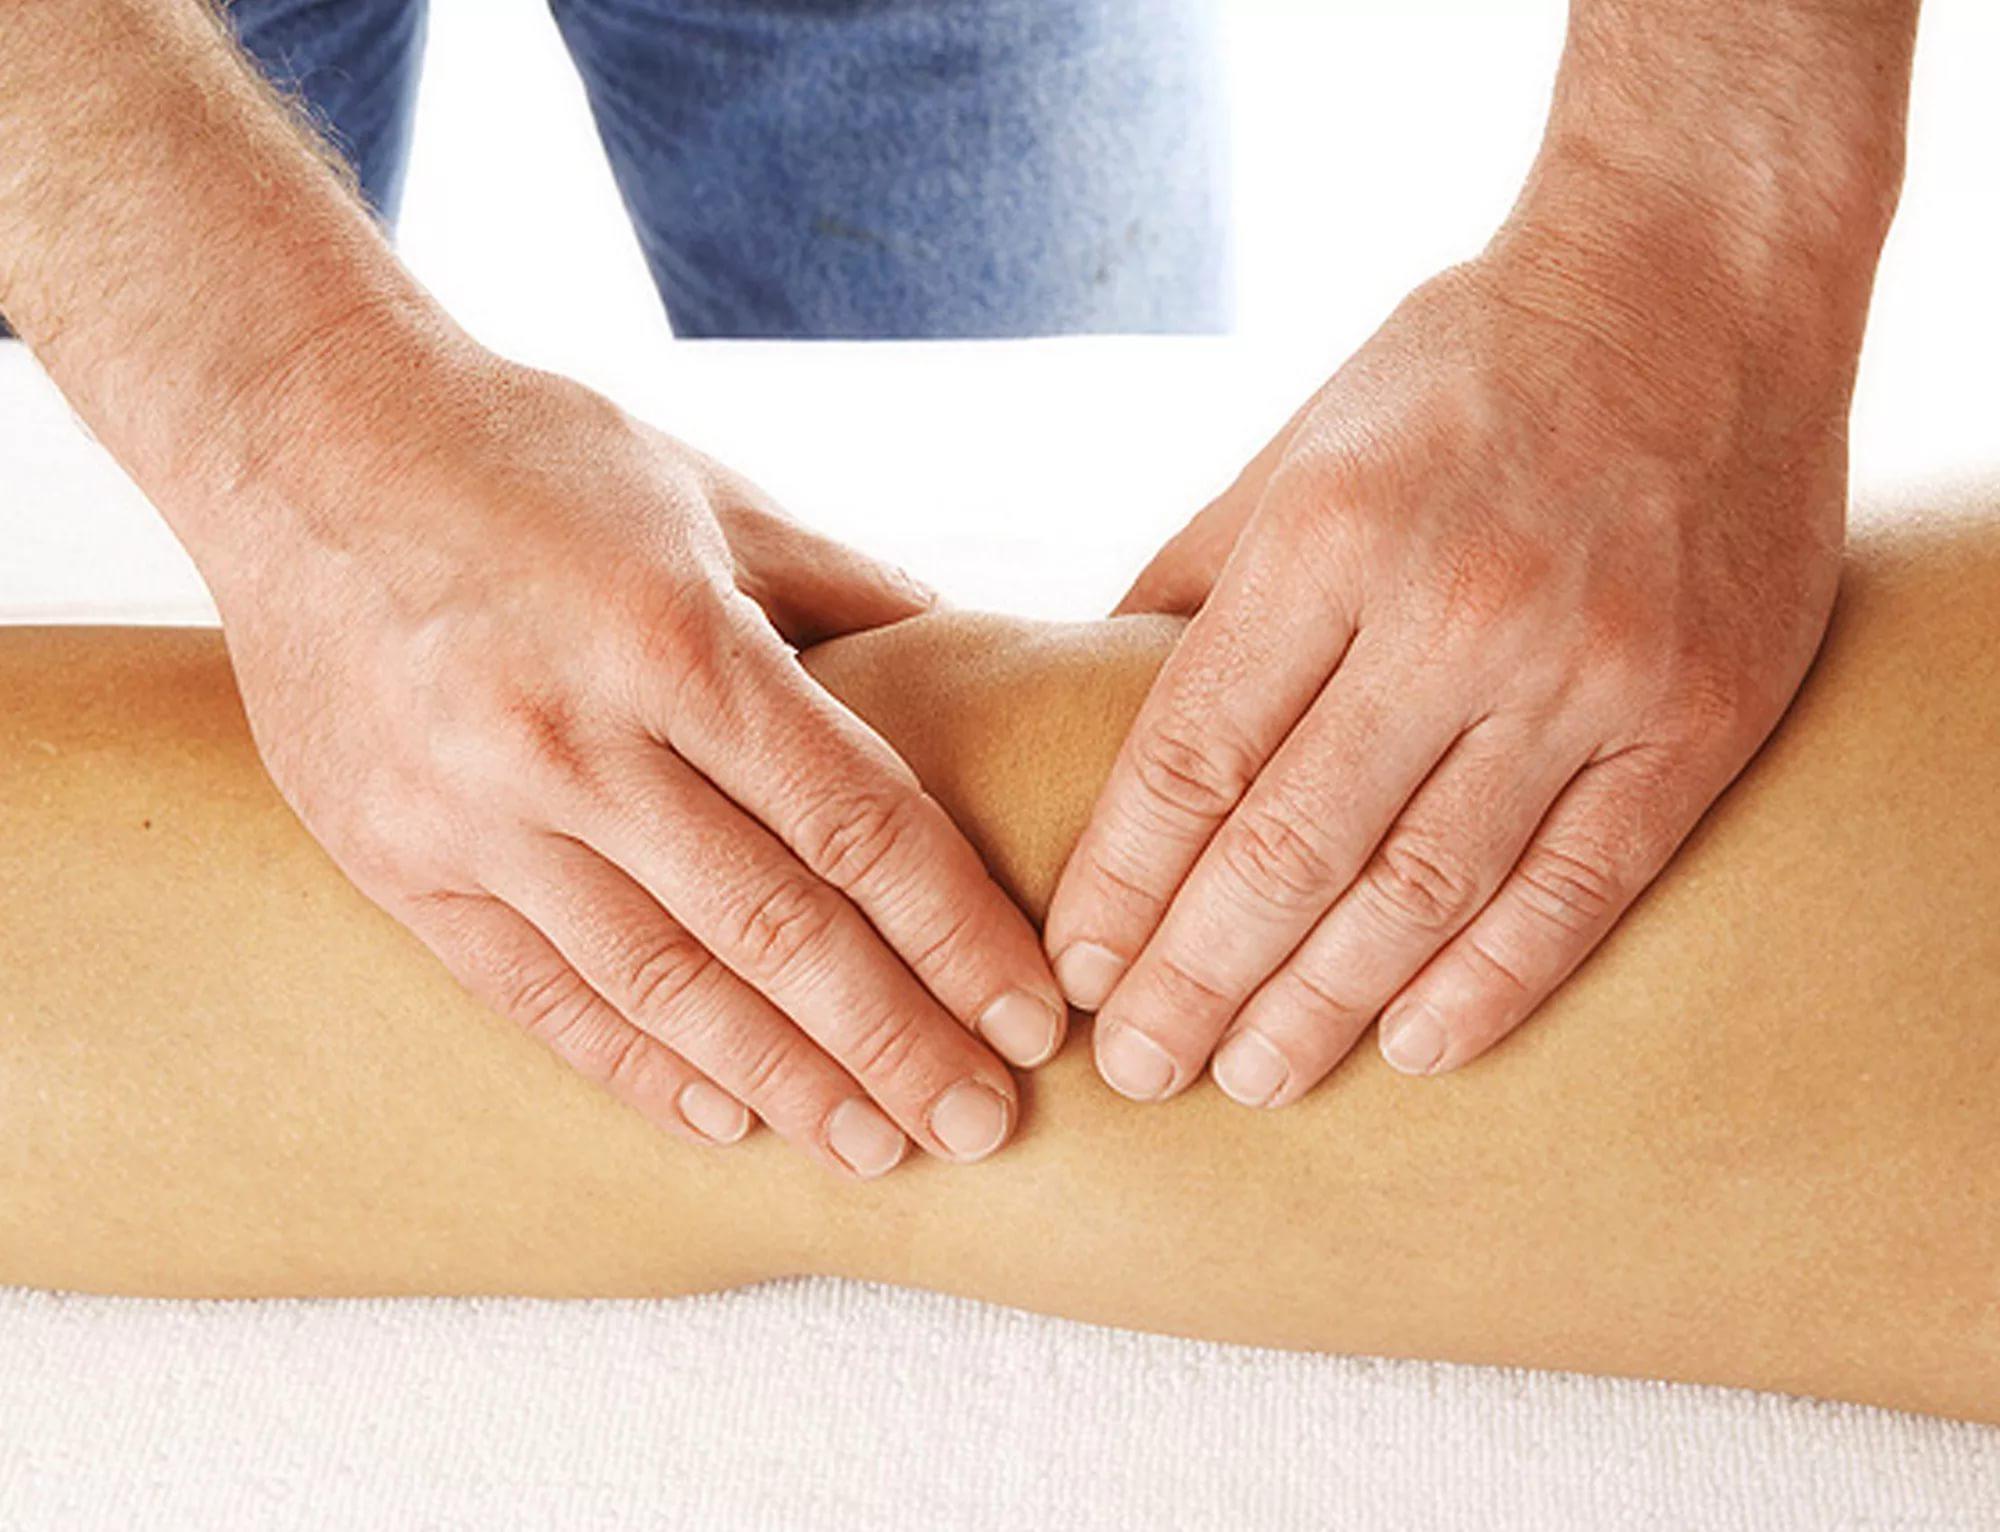 Лечение артроза коленного сустава народными средствами 27